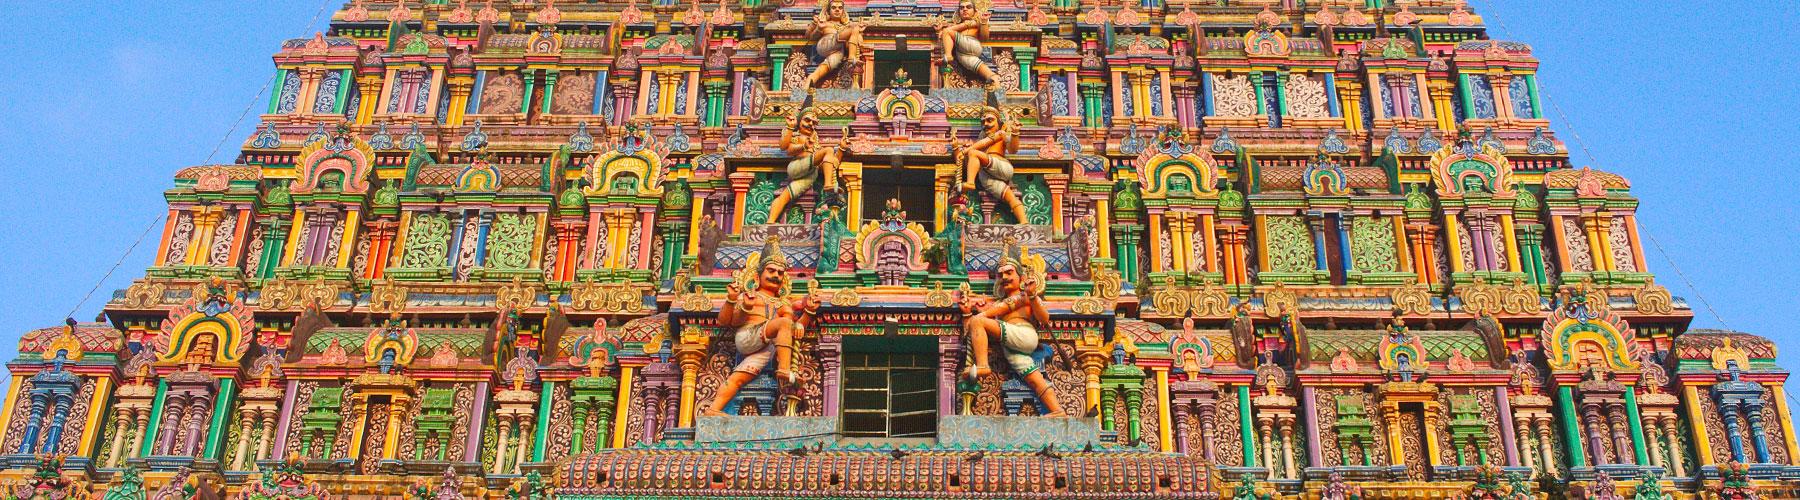 Ein bunter Tempel mit einzigartigen Verziehrungen auf der Meghalaya-Tour